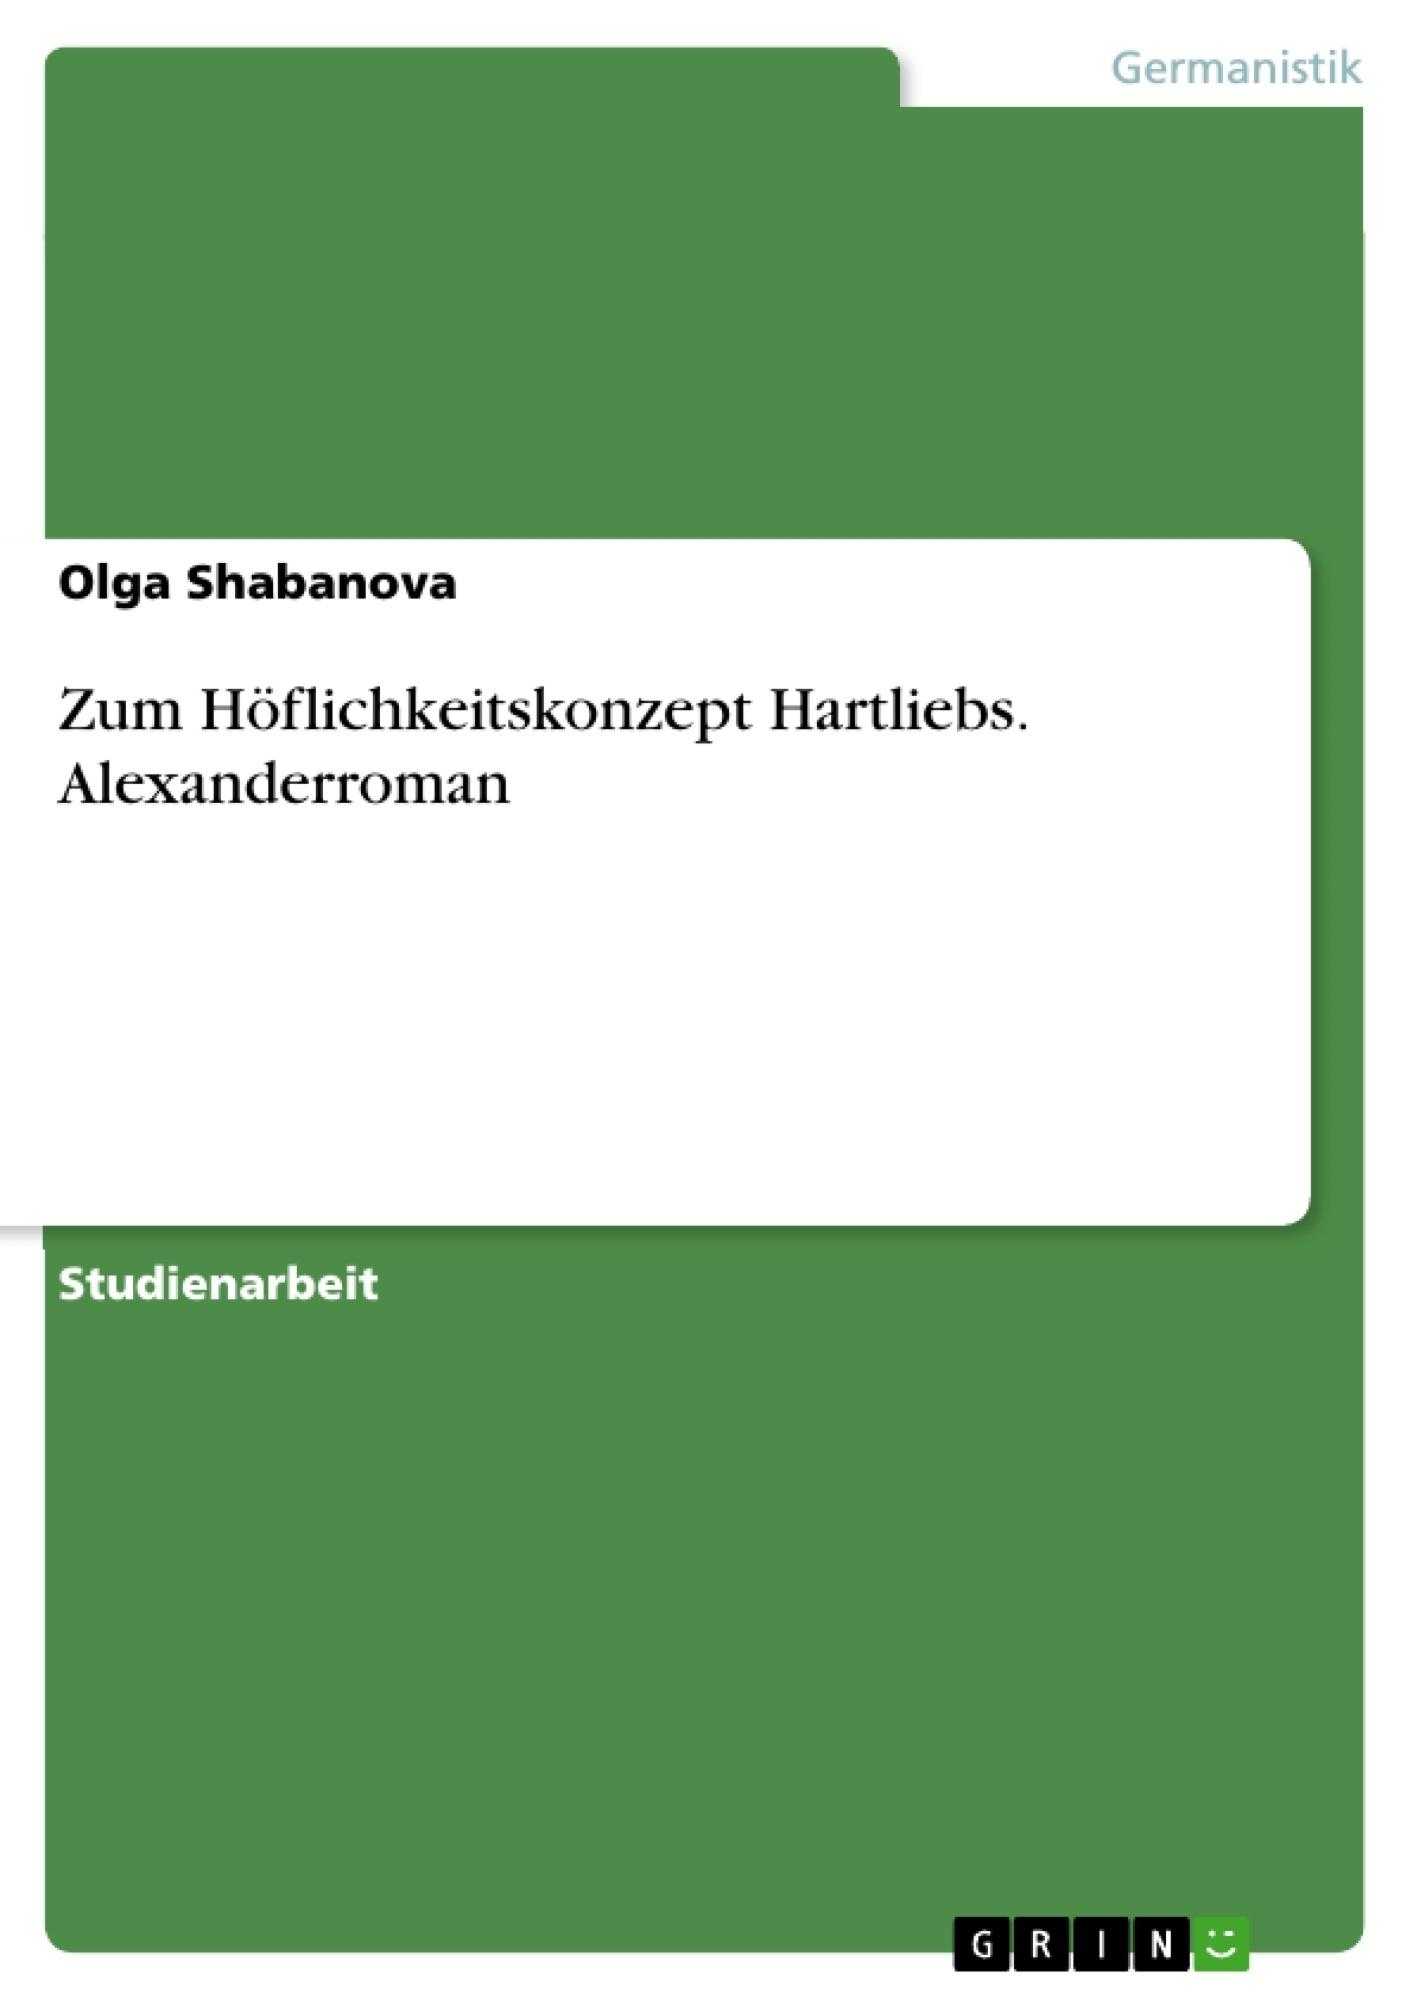 Titel: Zum Höflichkeitskonzept Hartliebs. Alexanderroman